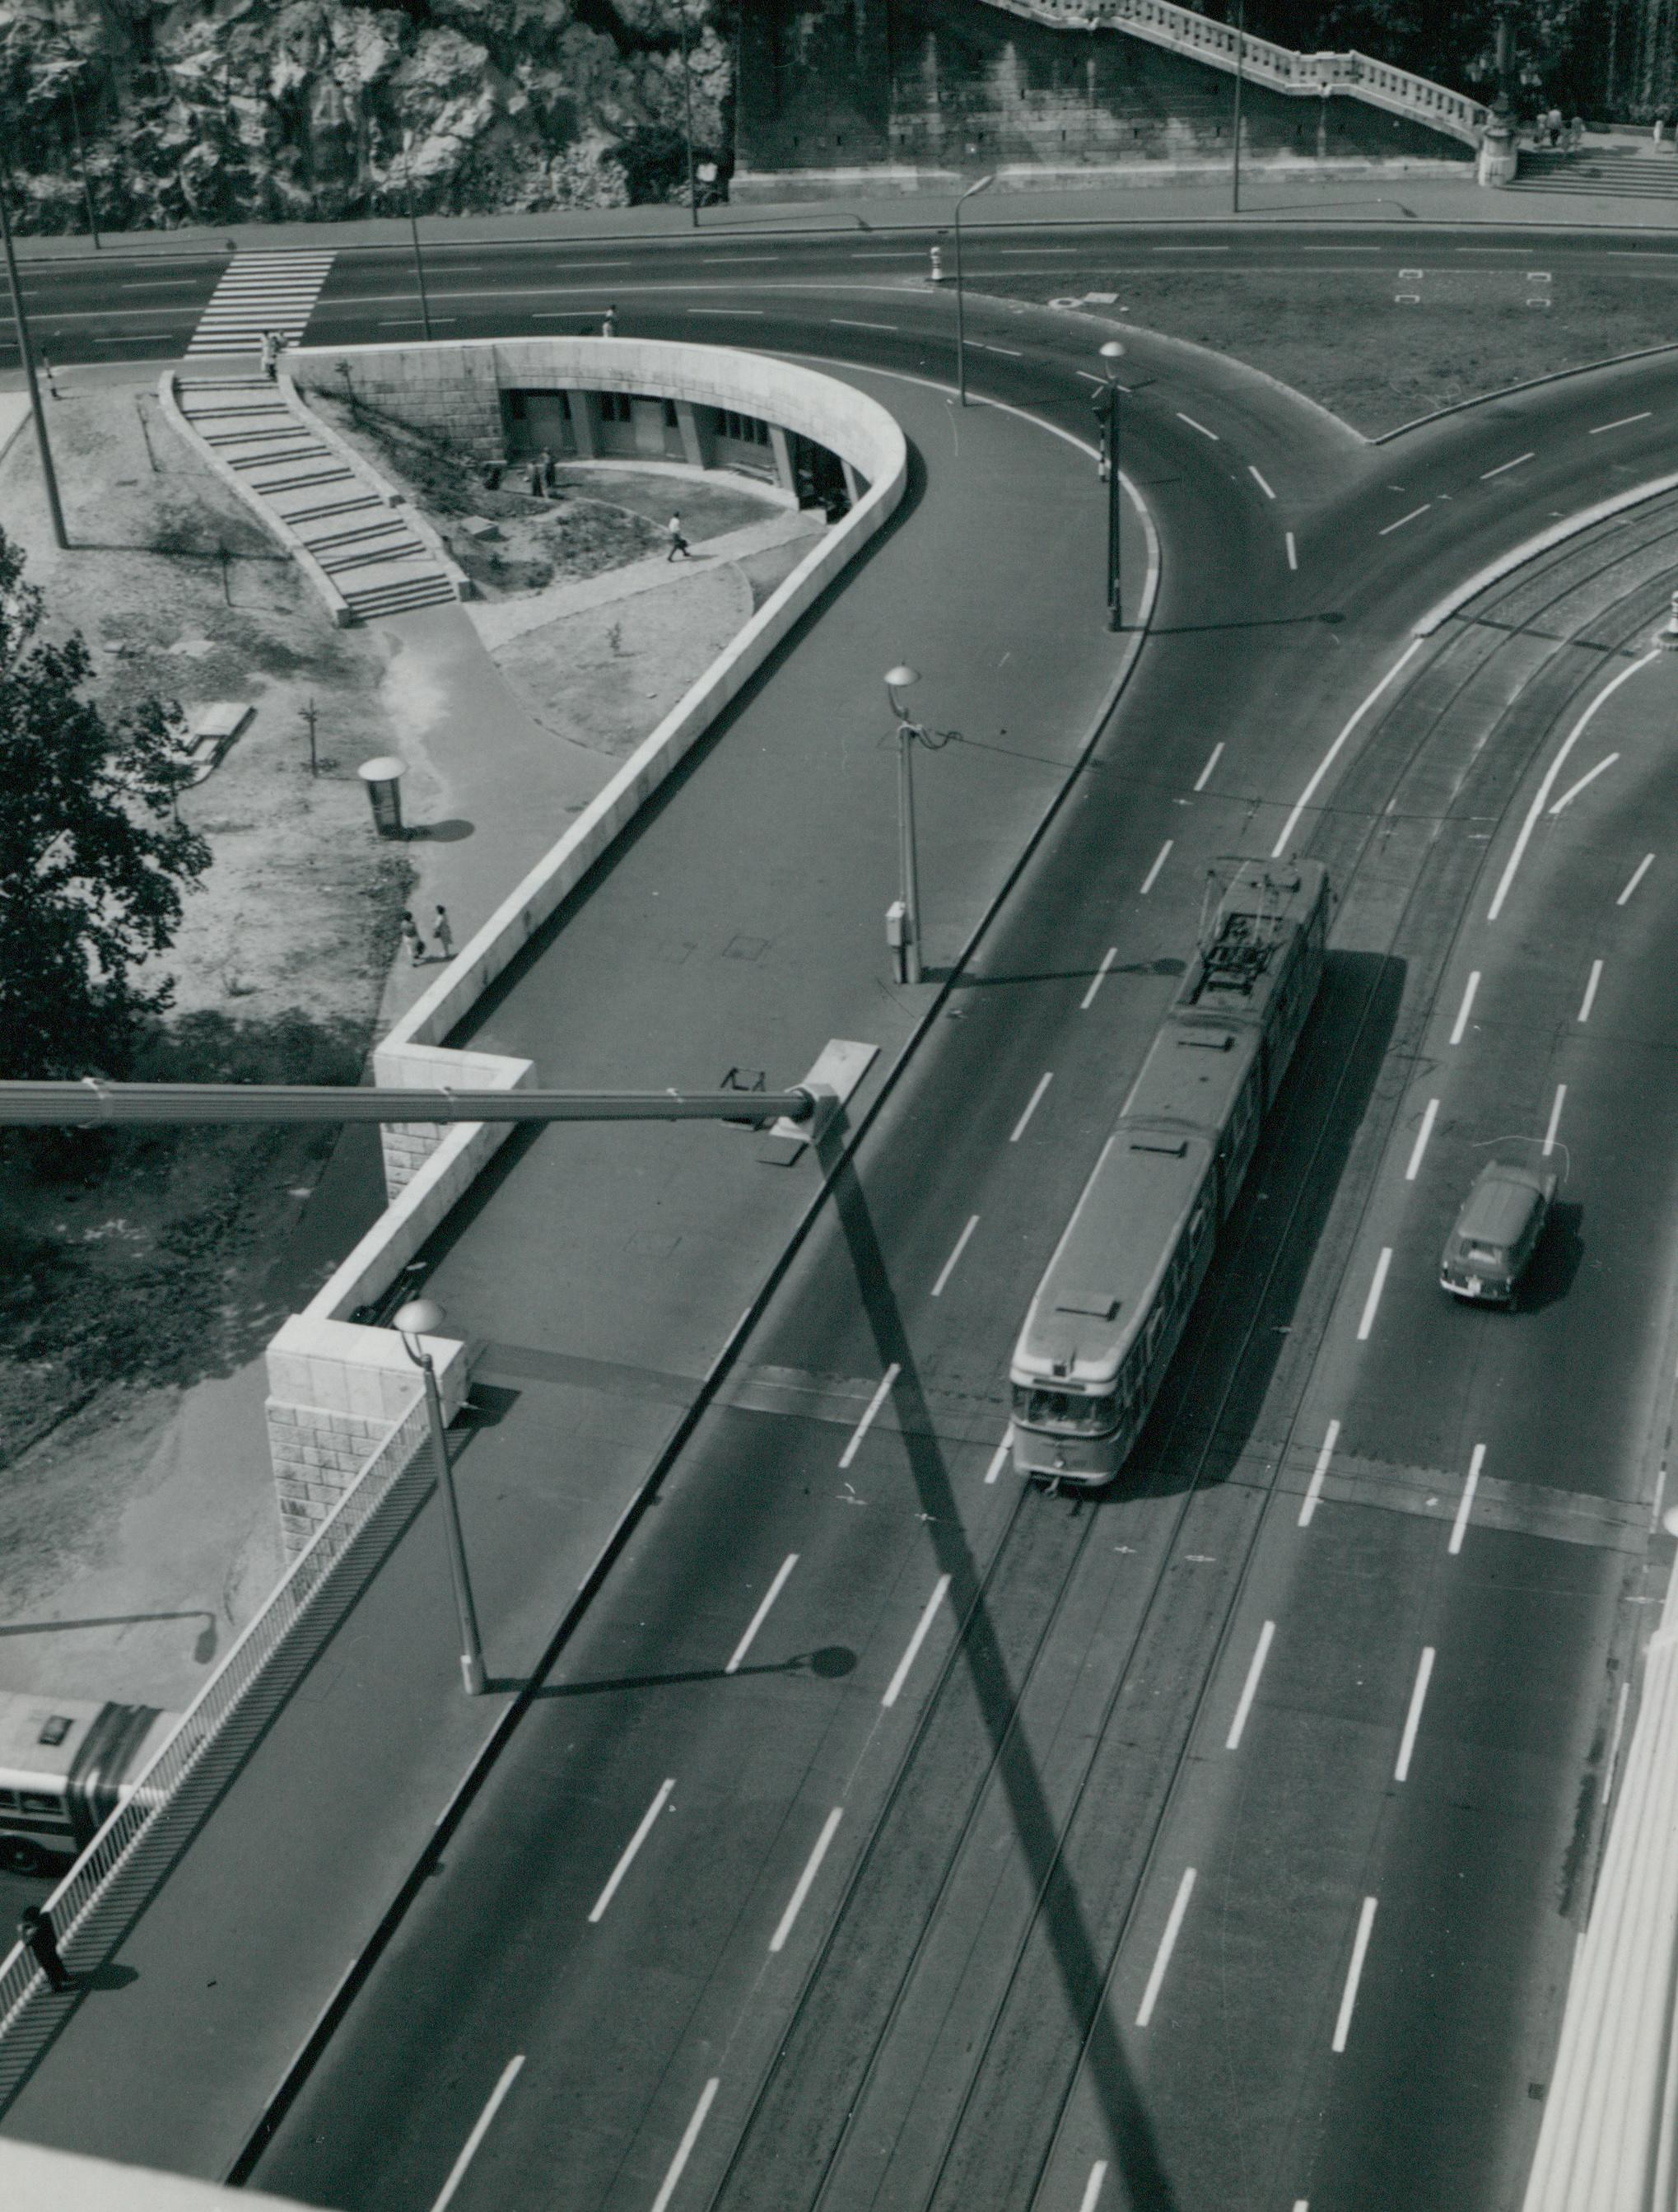 Az Erzsébet híd budai hídfőjének le- és felhajtója